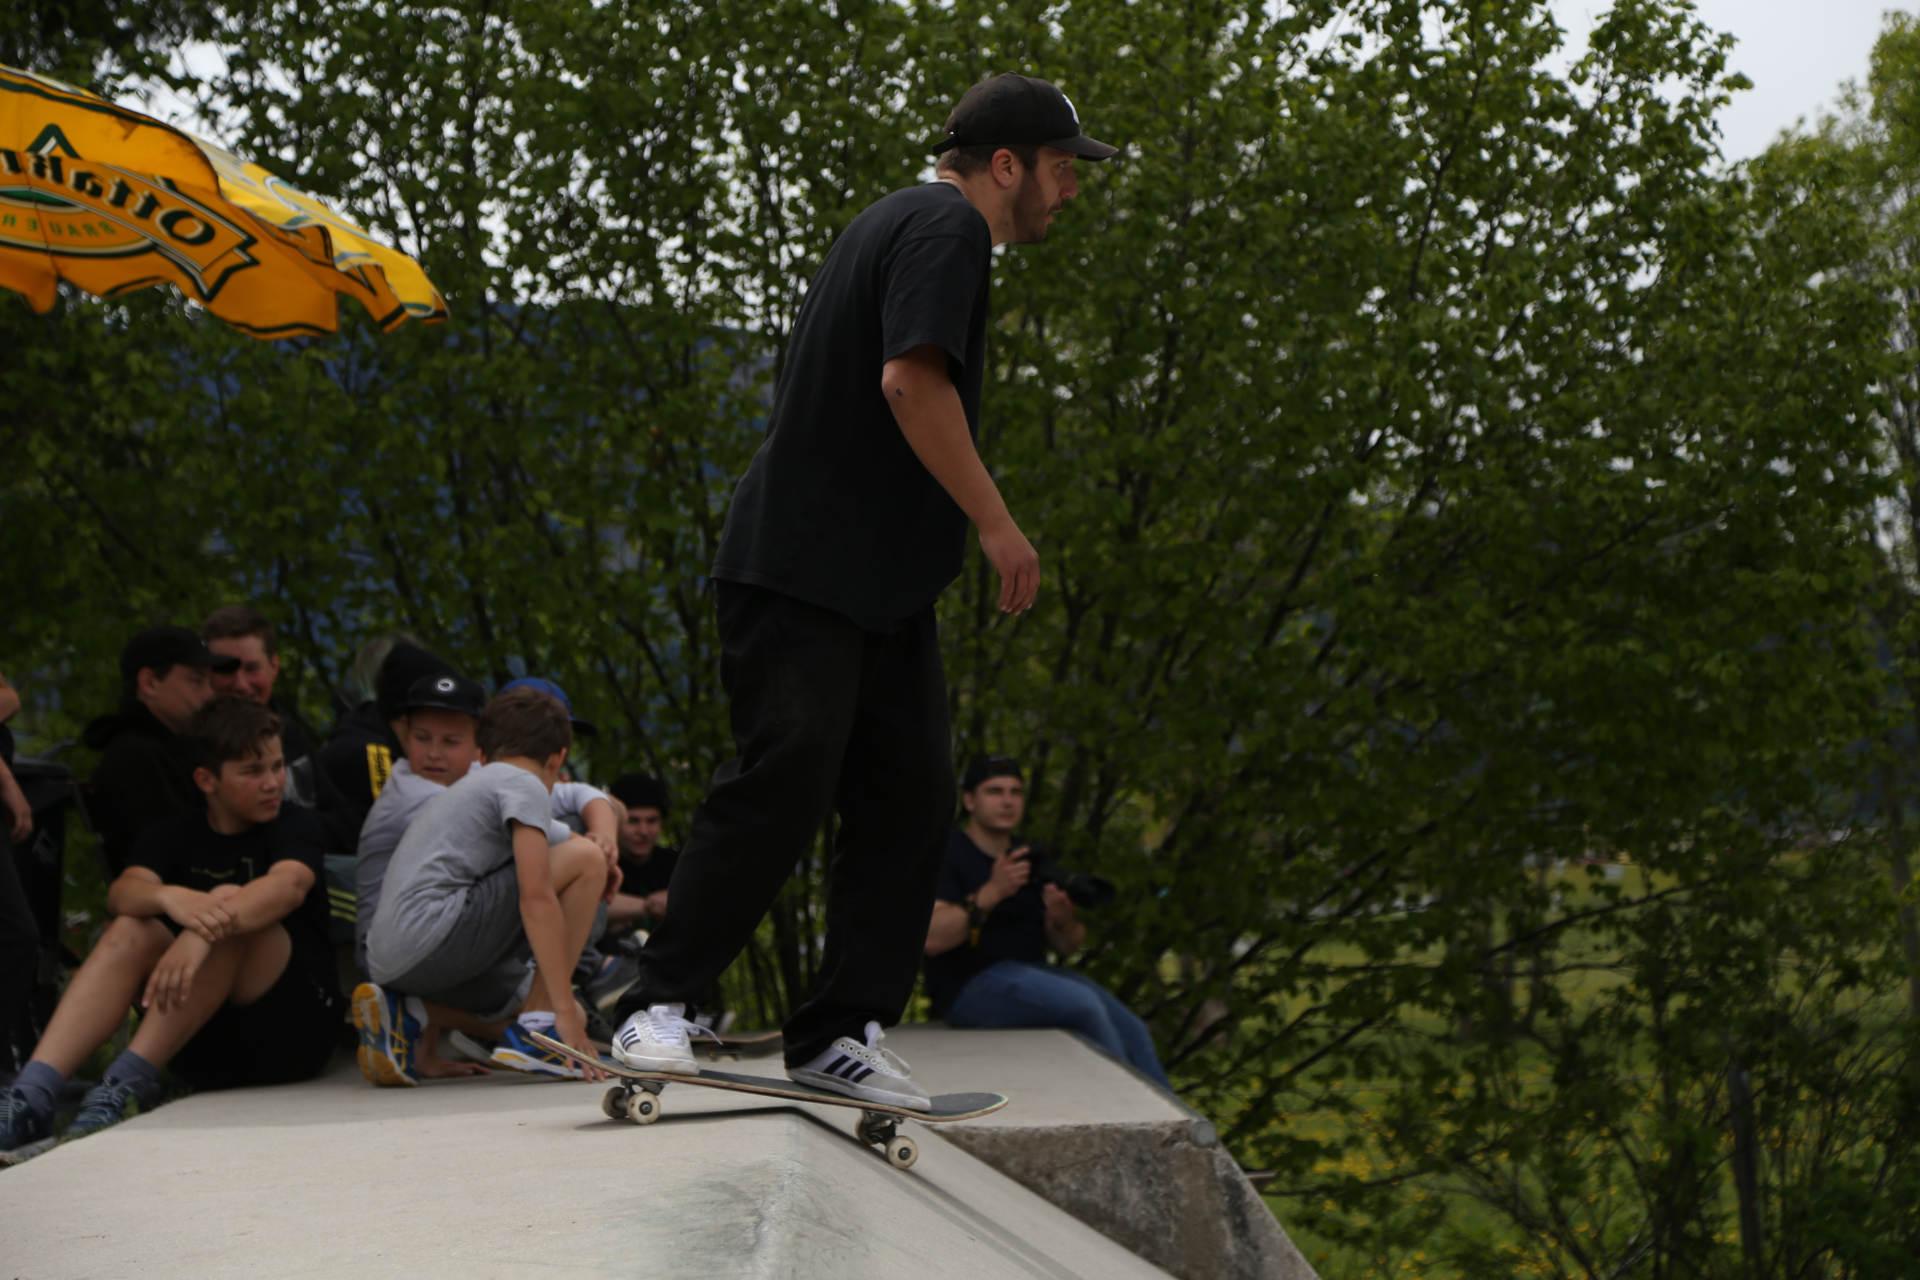 skateboard headz fieberbrunn kgt kitz gau trophy 2019 saalfelden hell00013